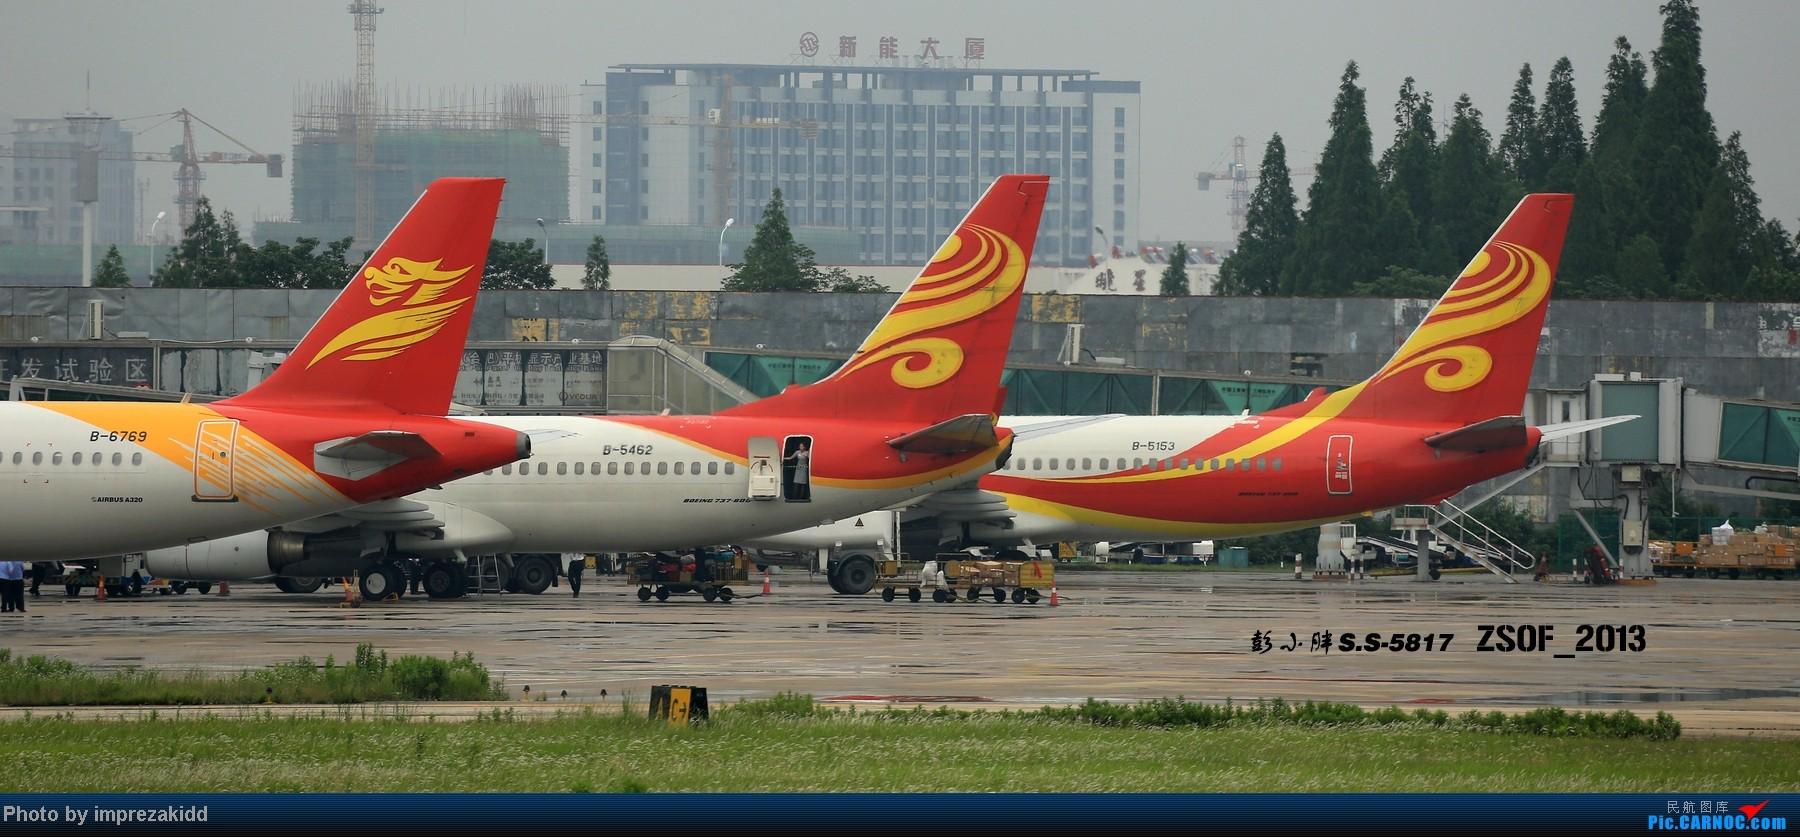 Re:[原创]【骆幕迎新】骆岗LastDay 纪念曾经属于我们的骆岗    中国合肥新桥机场